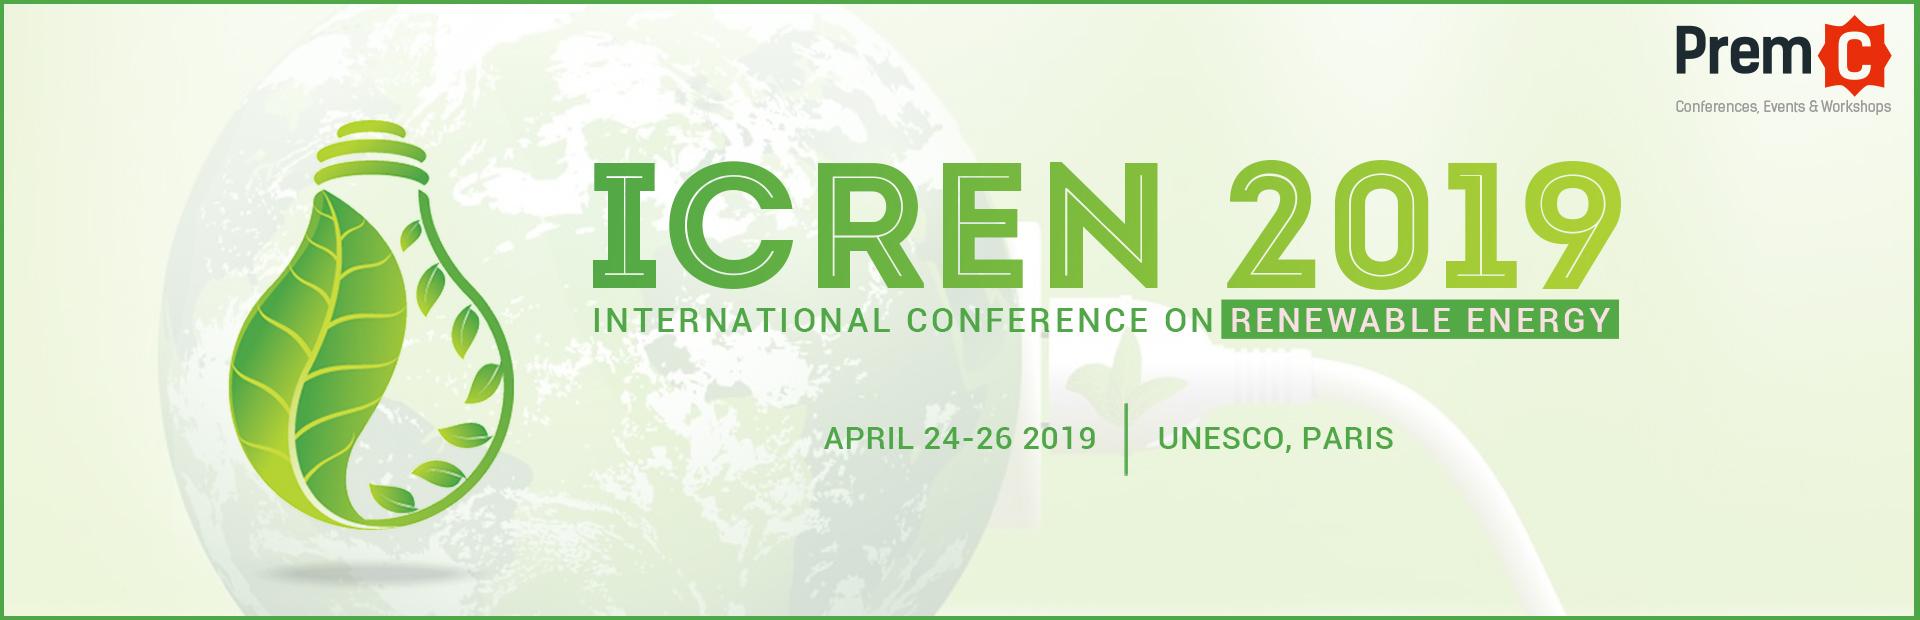 International Conference on Renewable Energy (ICREN 2019) – EES Blog